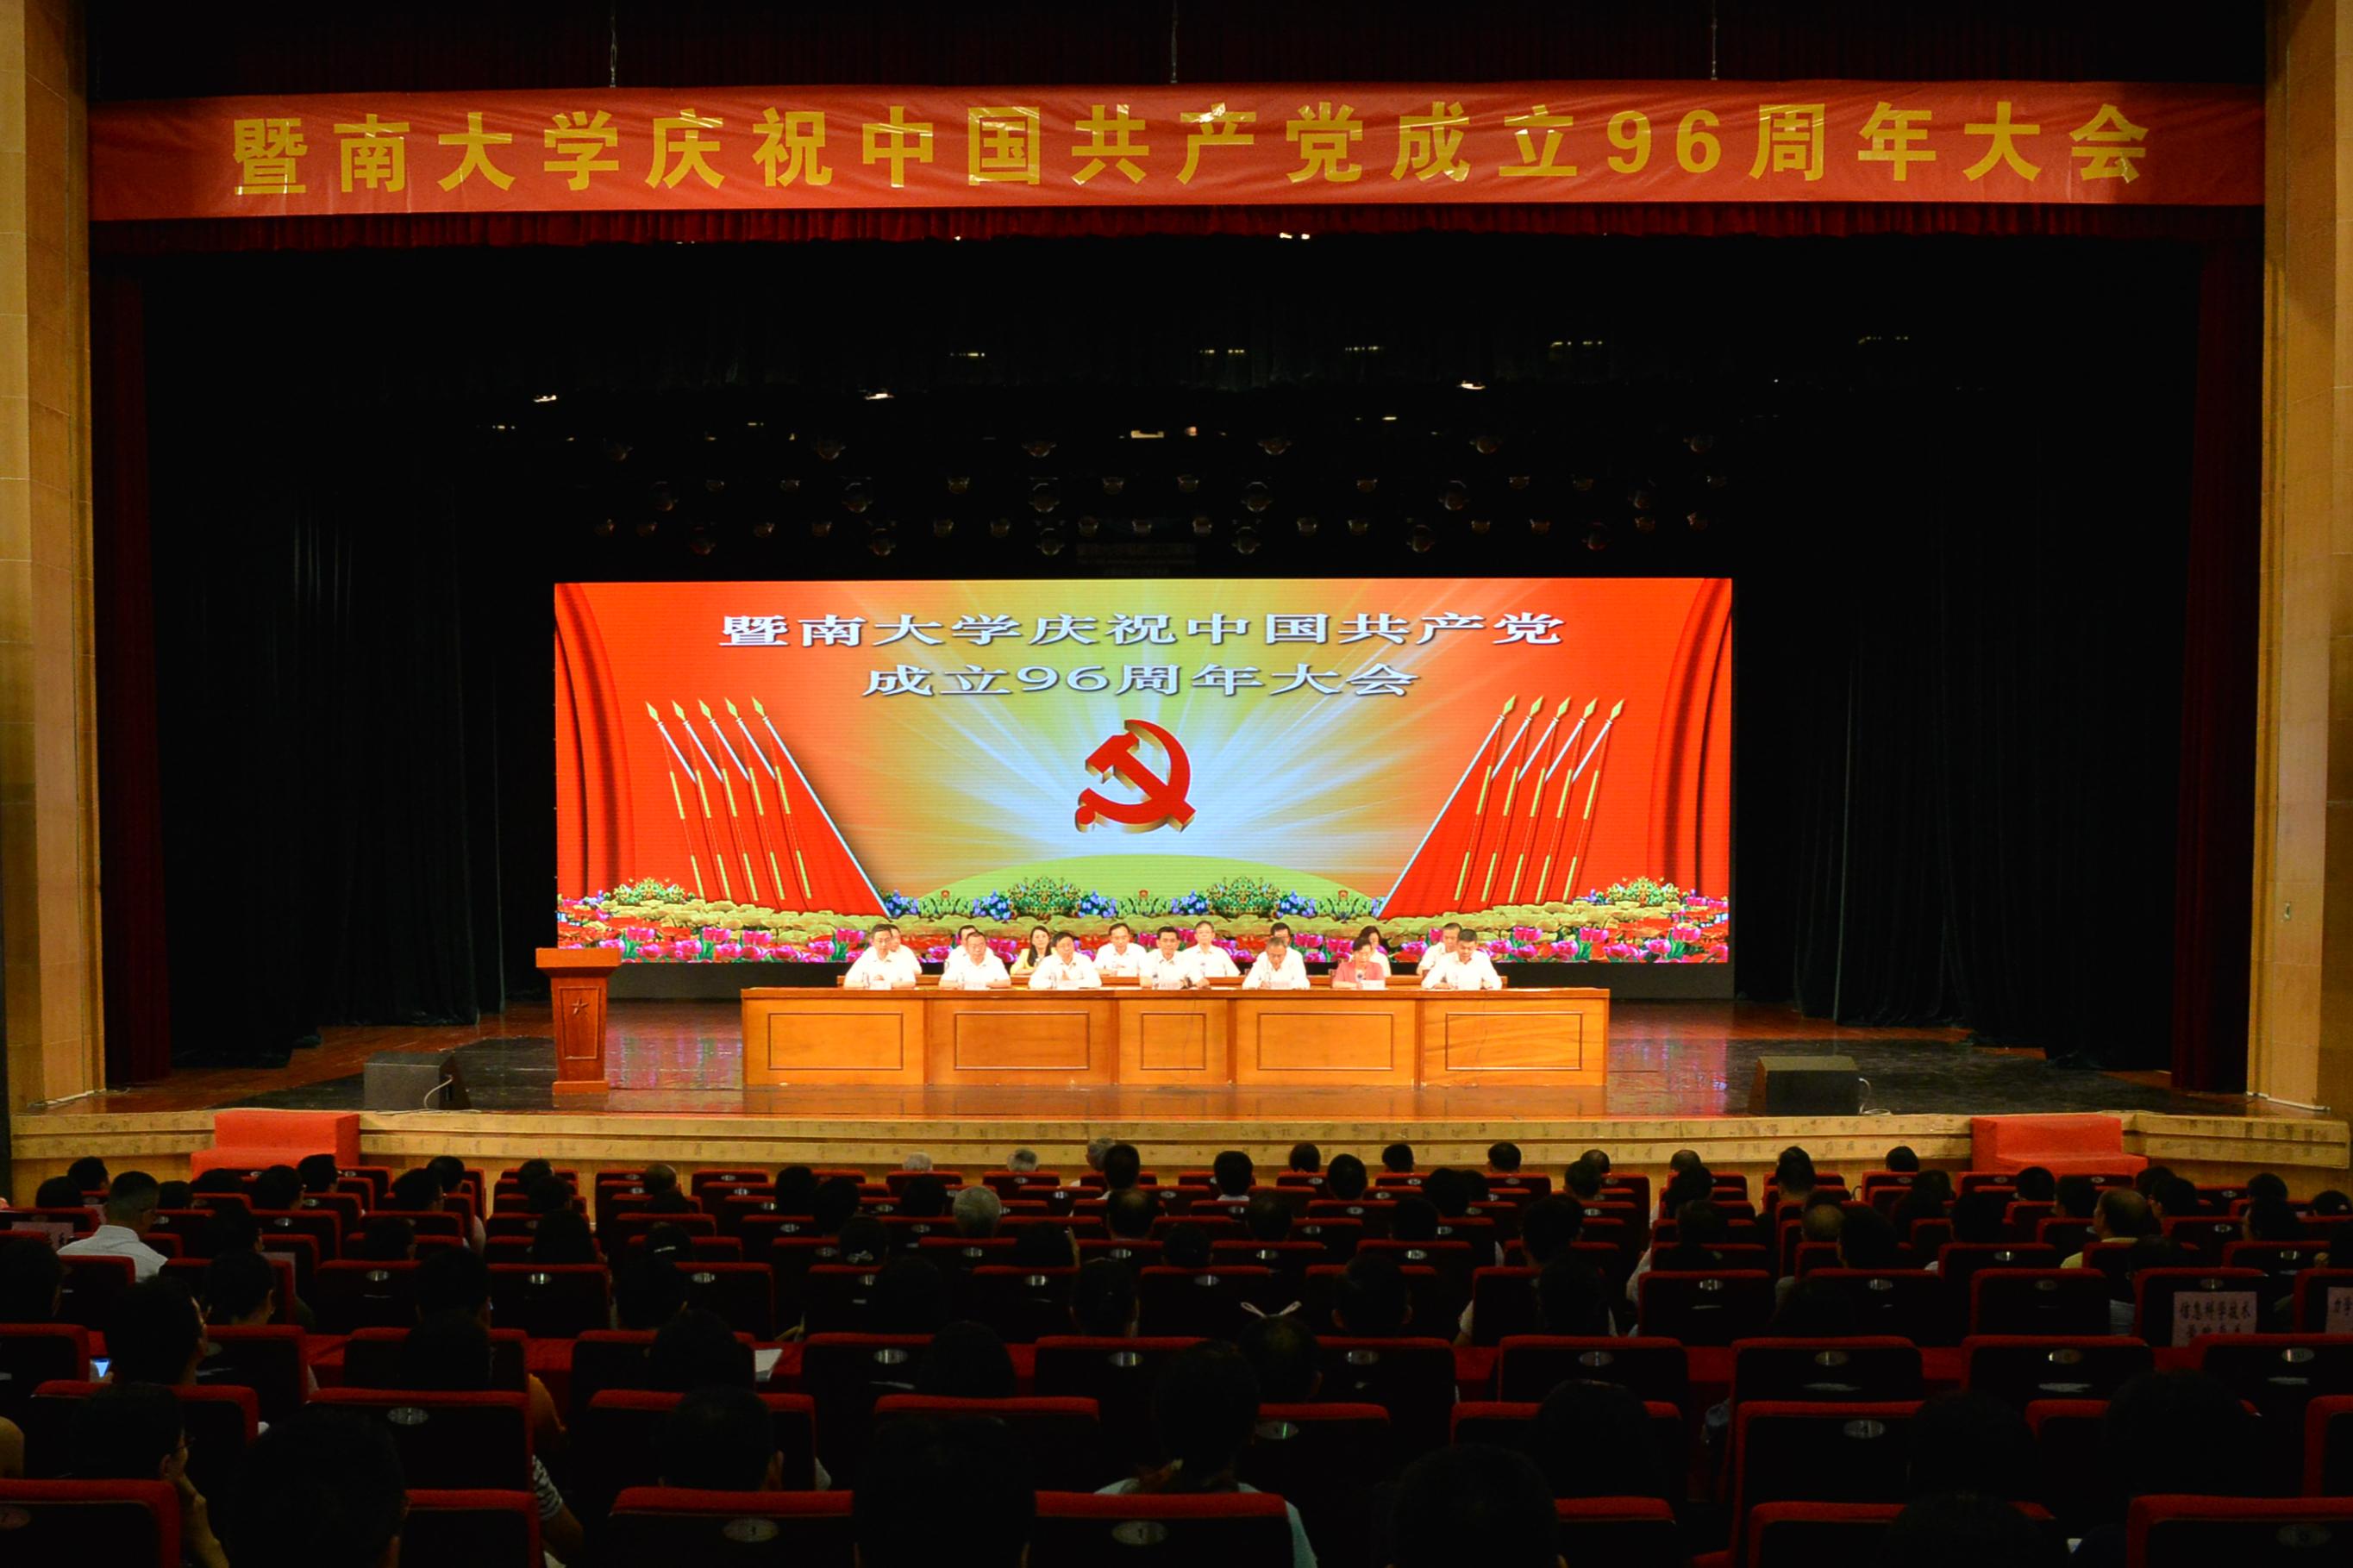 暨南大学 我校举行庆祝中国共产党成立96周年大会